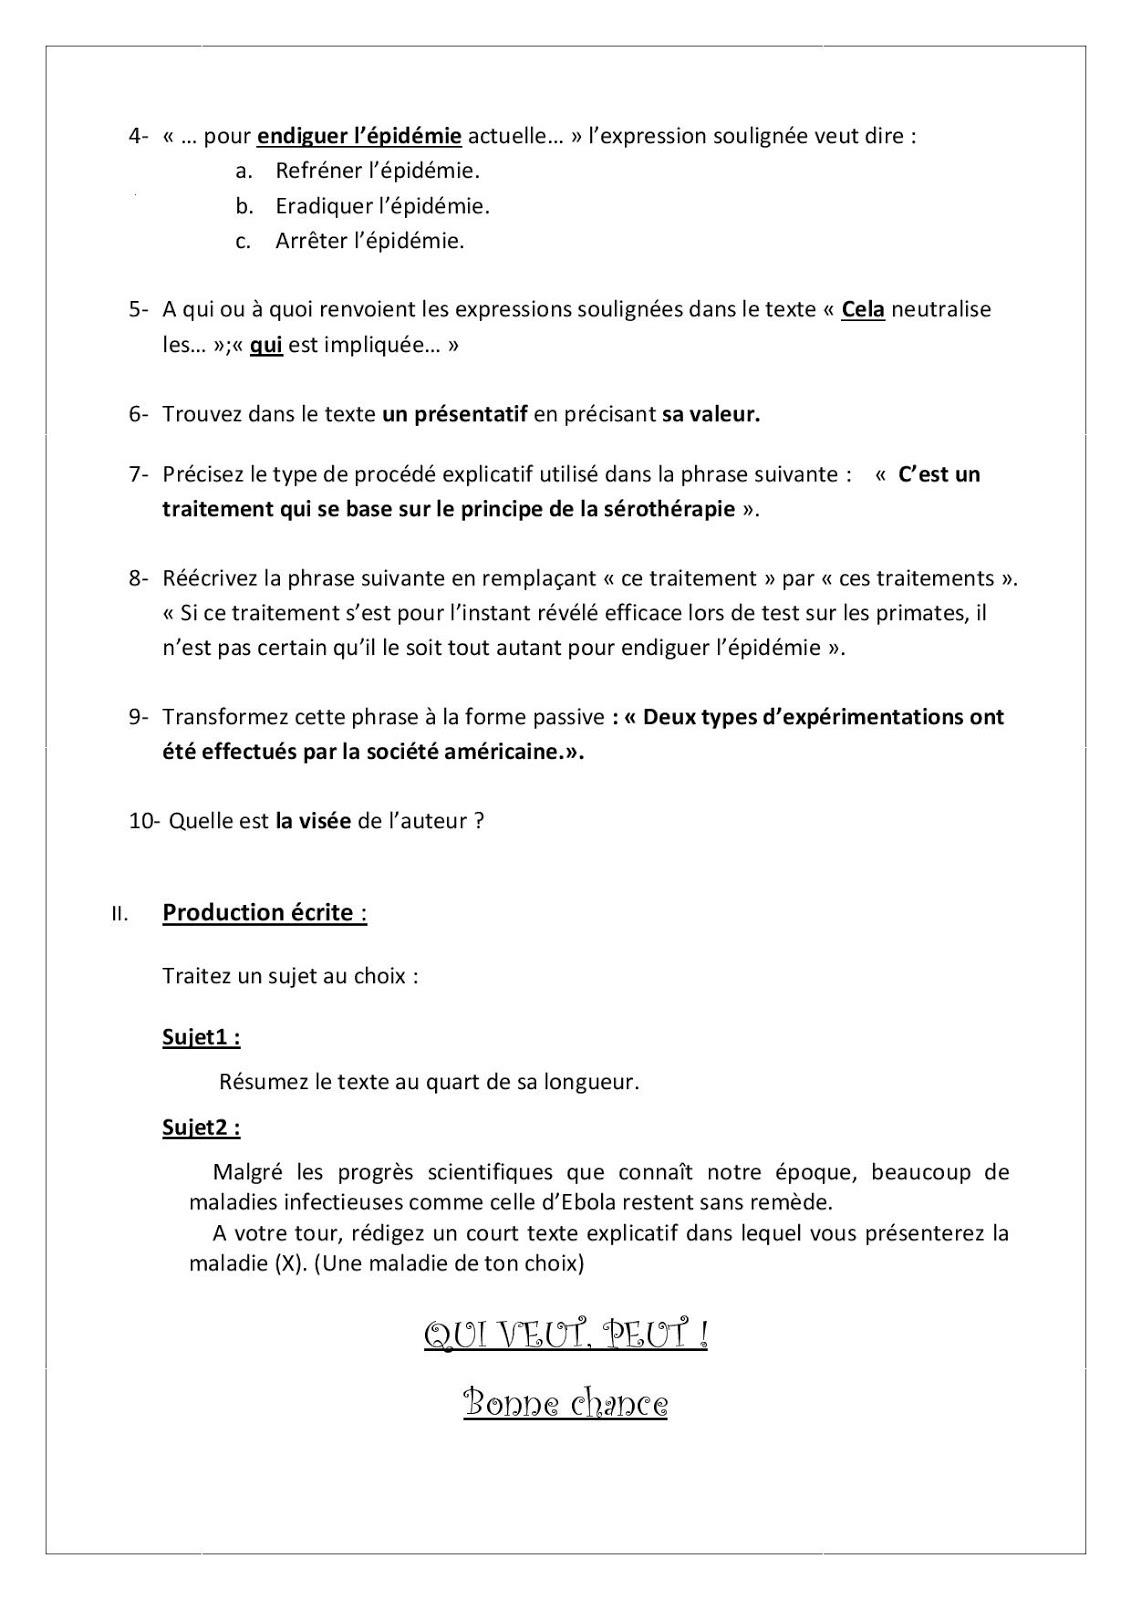 امتحان اللغة الفرنسية